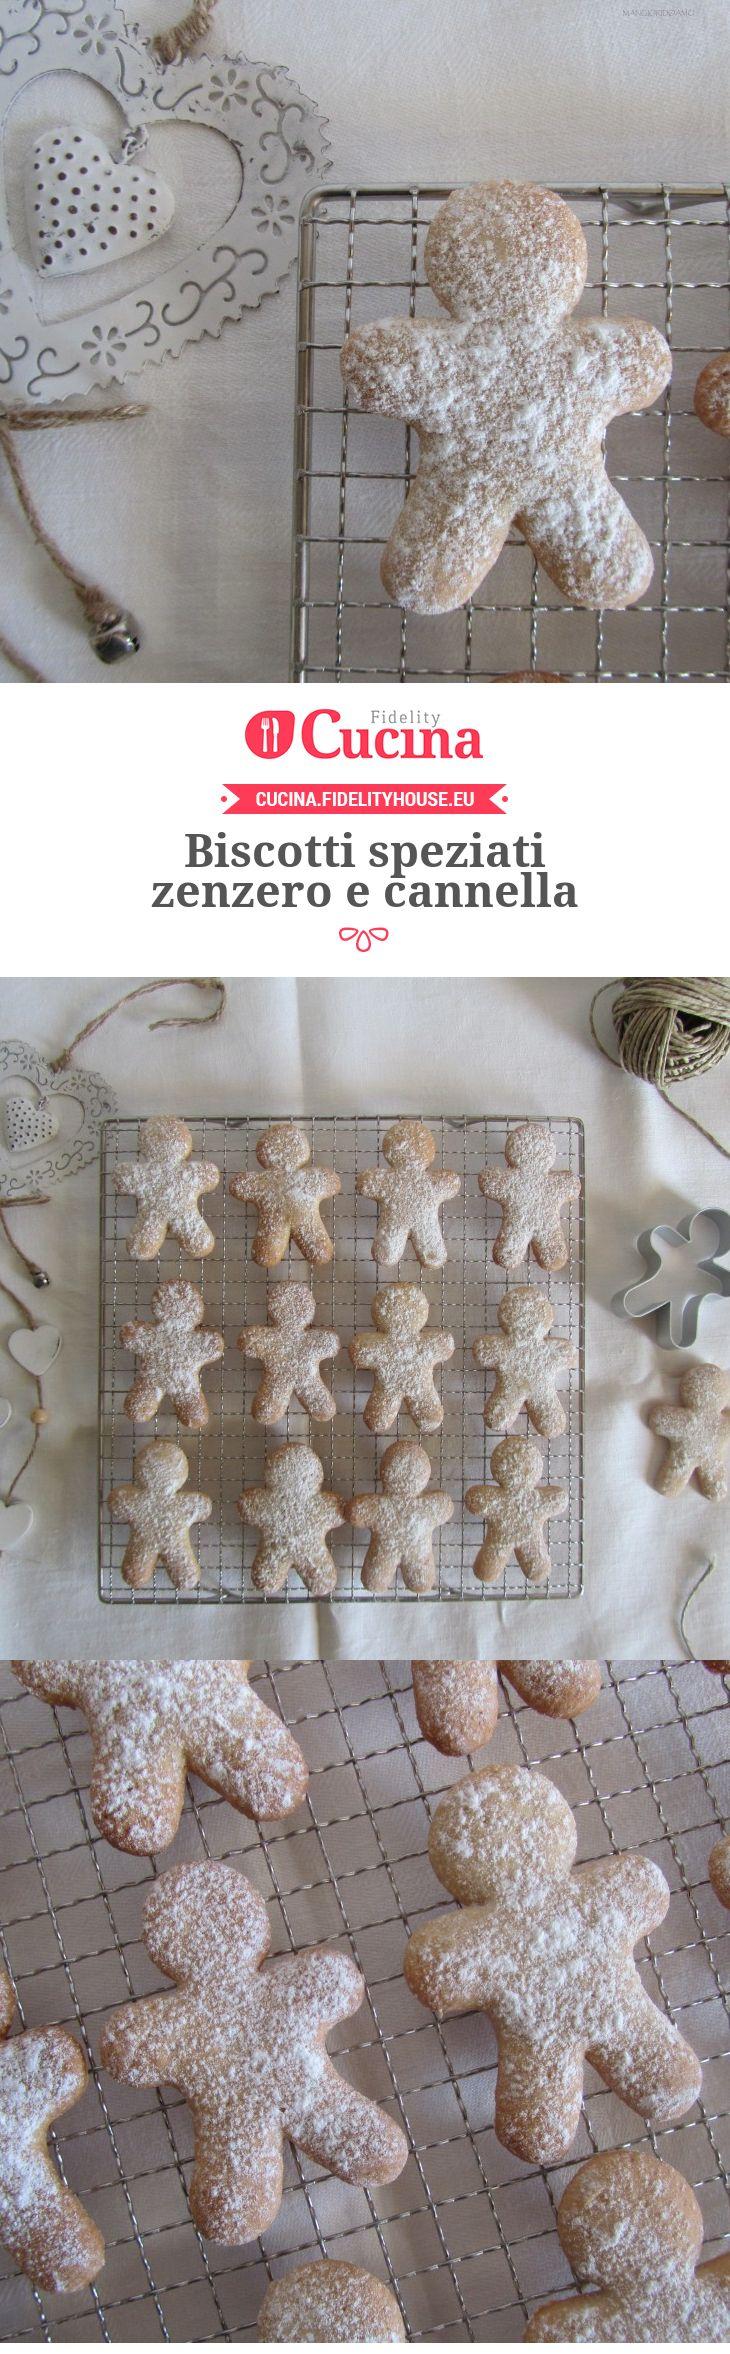 Biscotti speziati zenzero e cannella della nostra utente Francesca. Unisciti alla nostra Community ed invia le tue ricette!